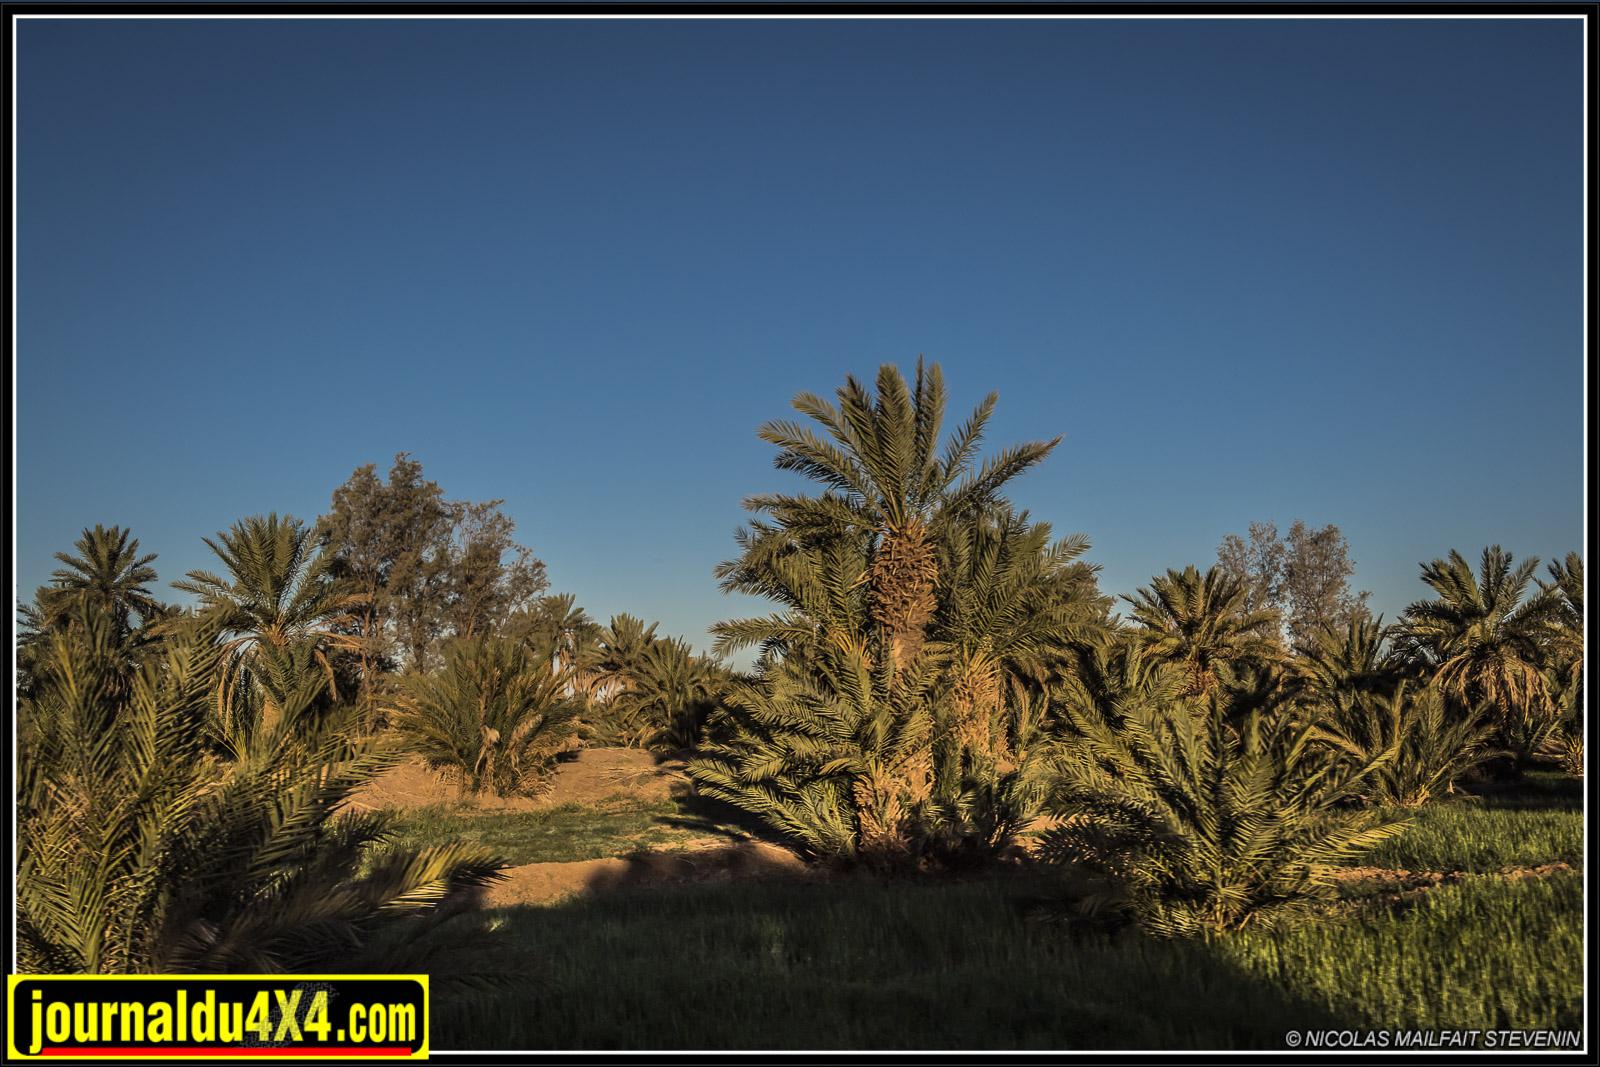 rallye-aicha-gazelles-maroc-2017-7008.jpg